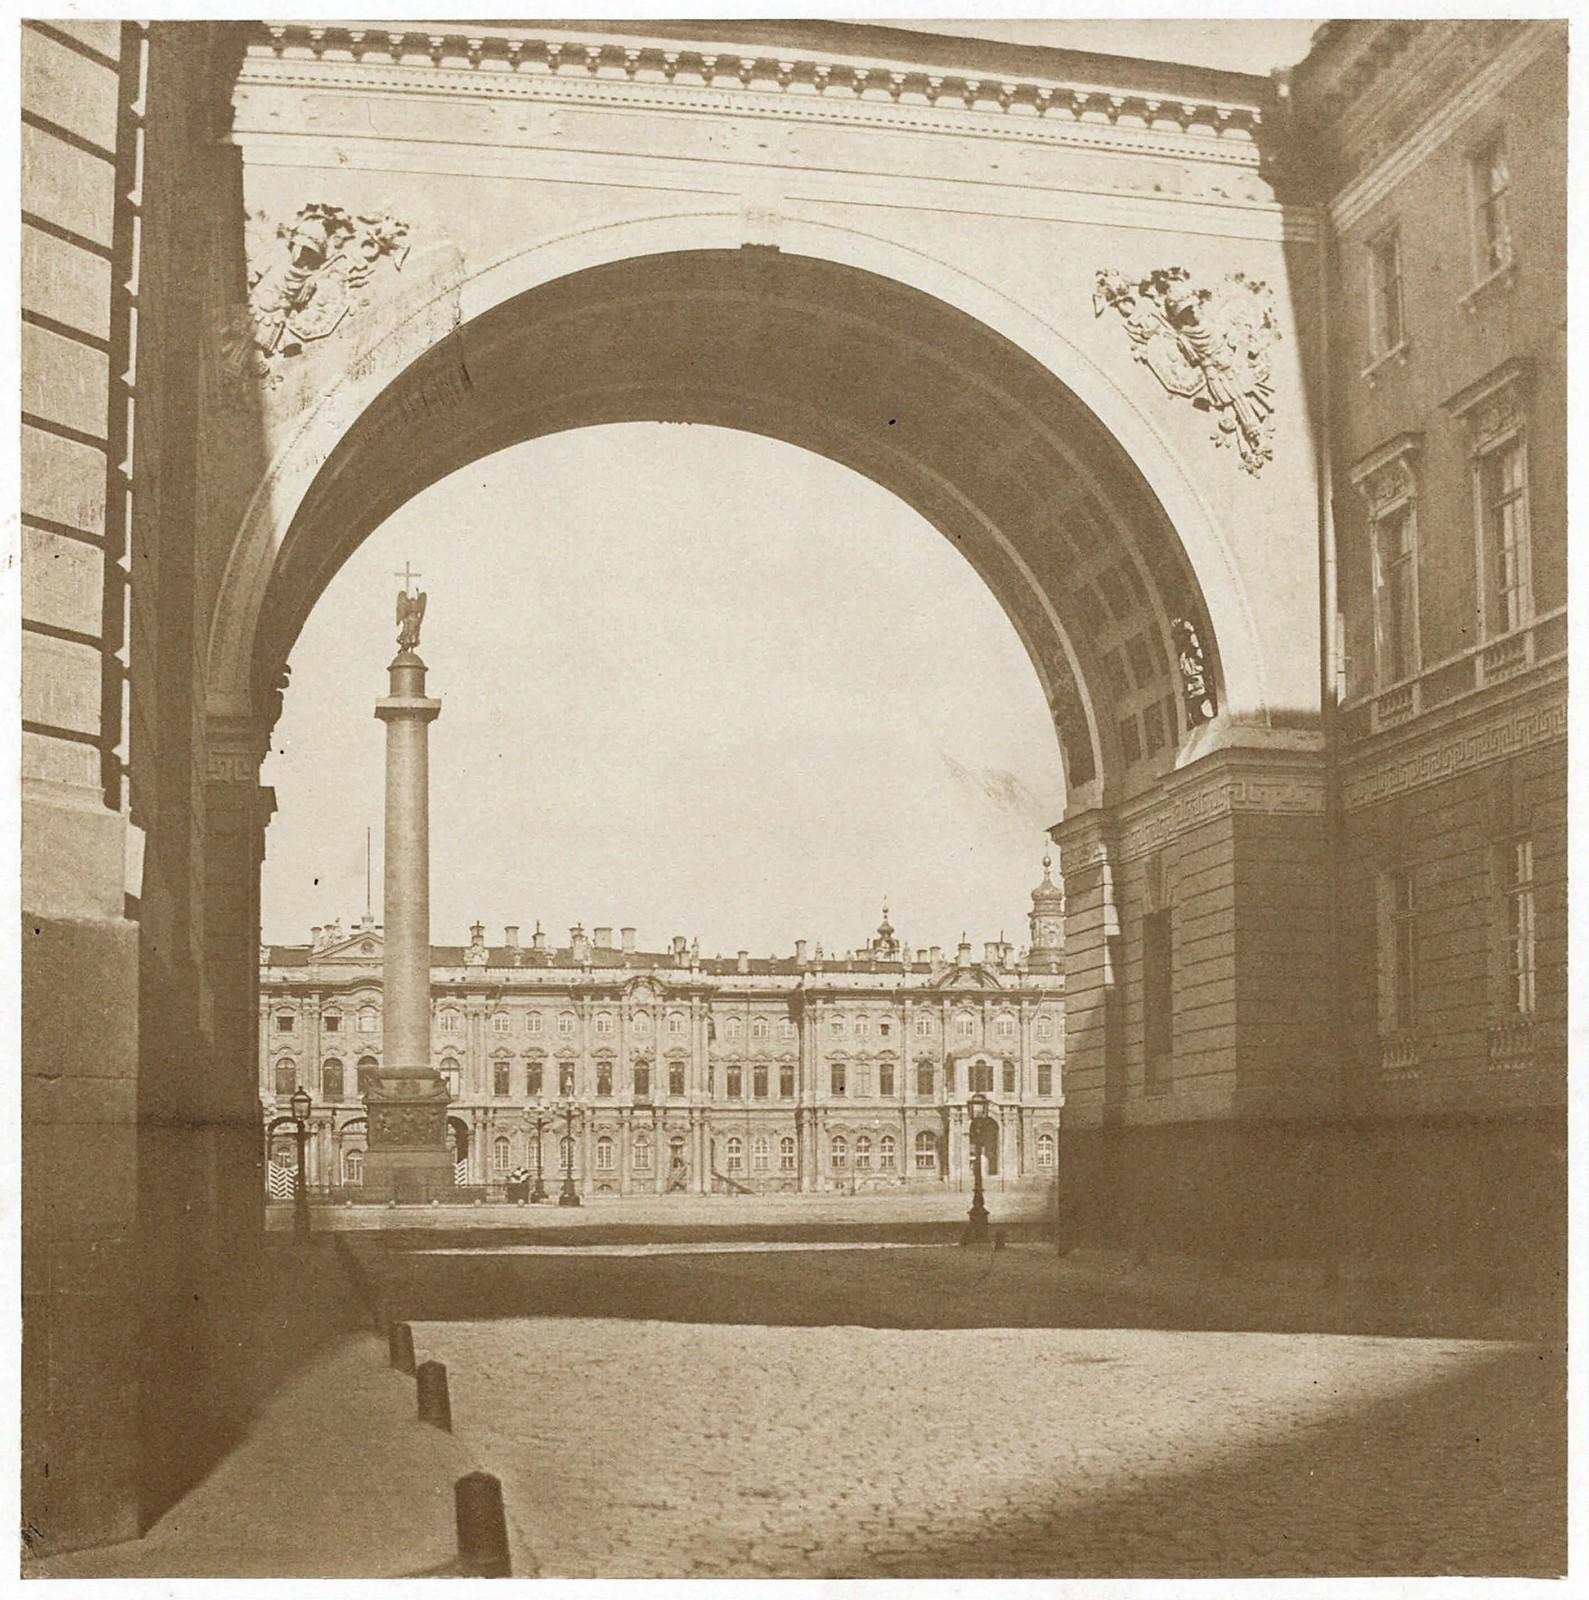 Дворцовая площадь с Александровской колонной. 1850-е (до 1855)